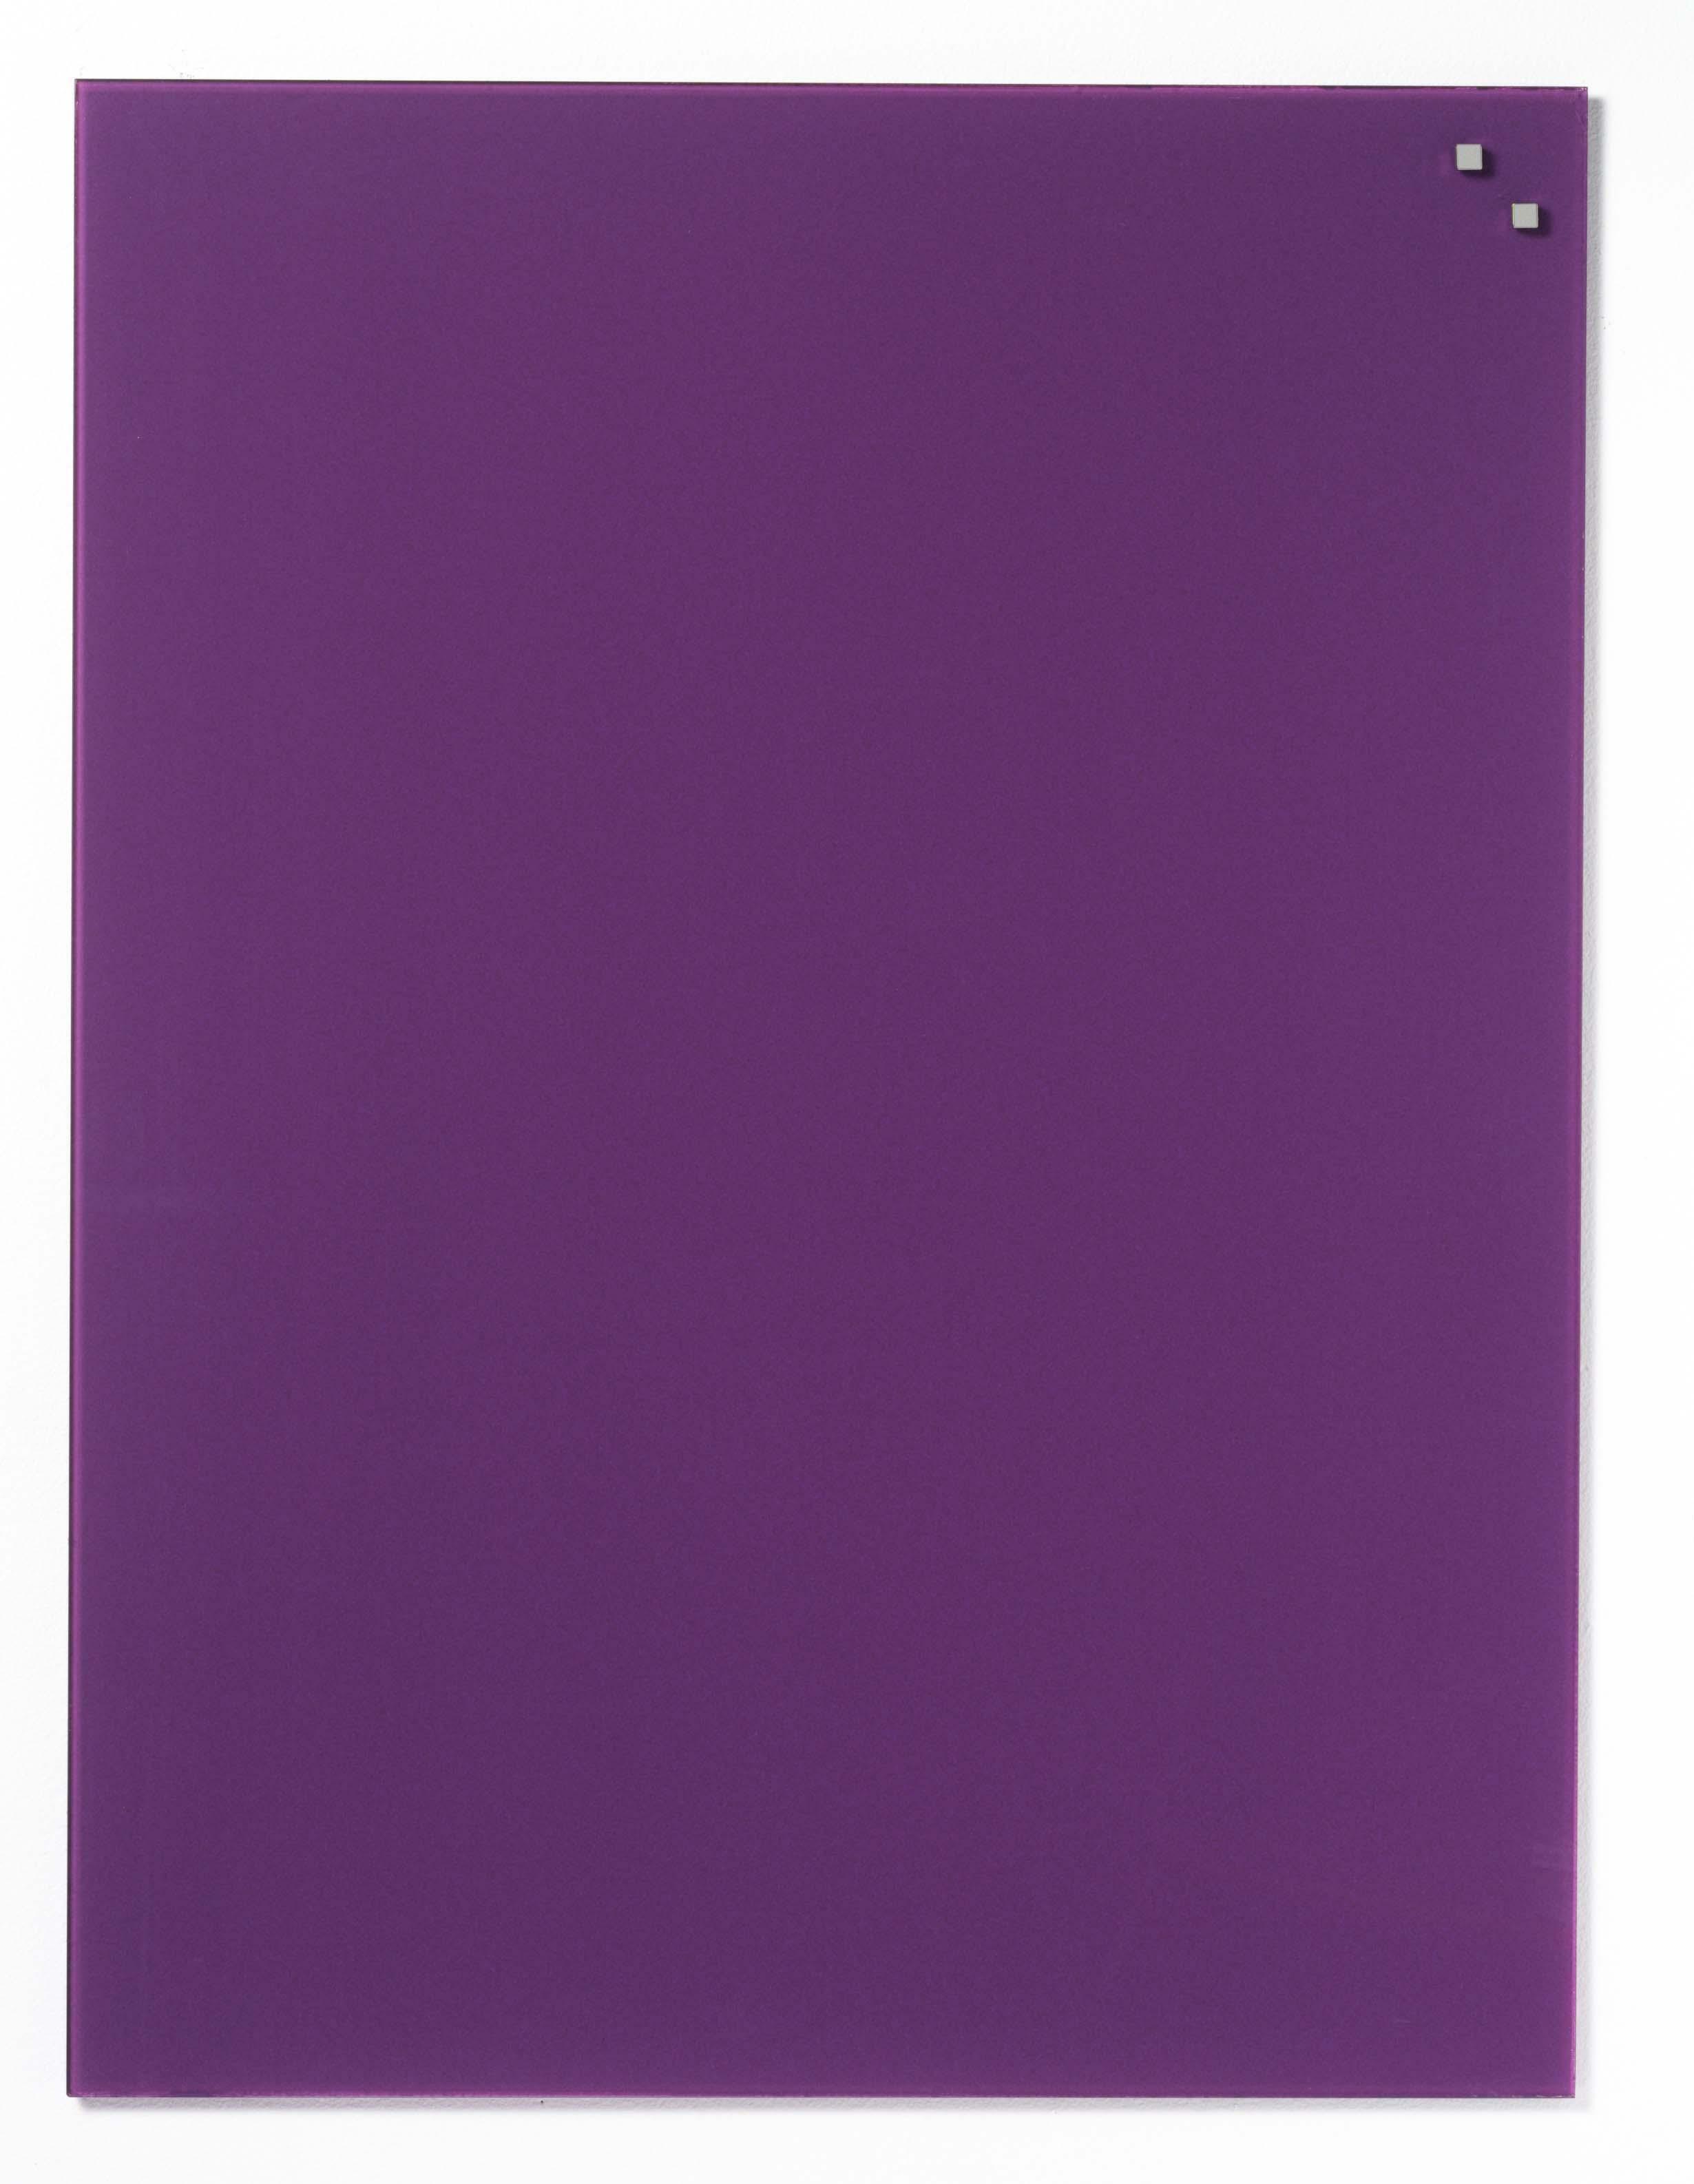 Tabule magnetické skleněné - 60 x 80 cm / tmavě fialová